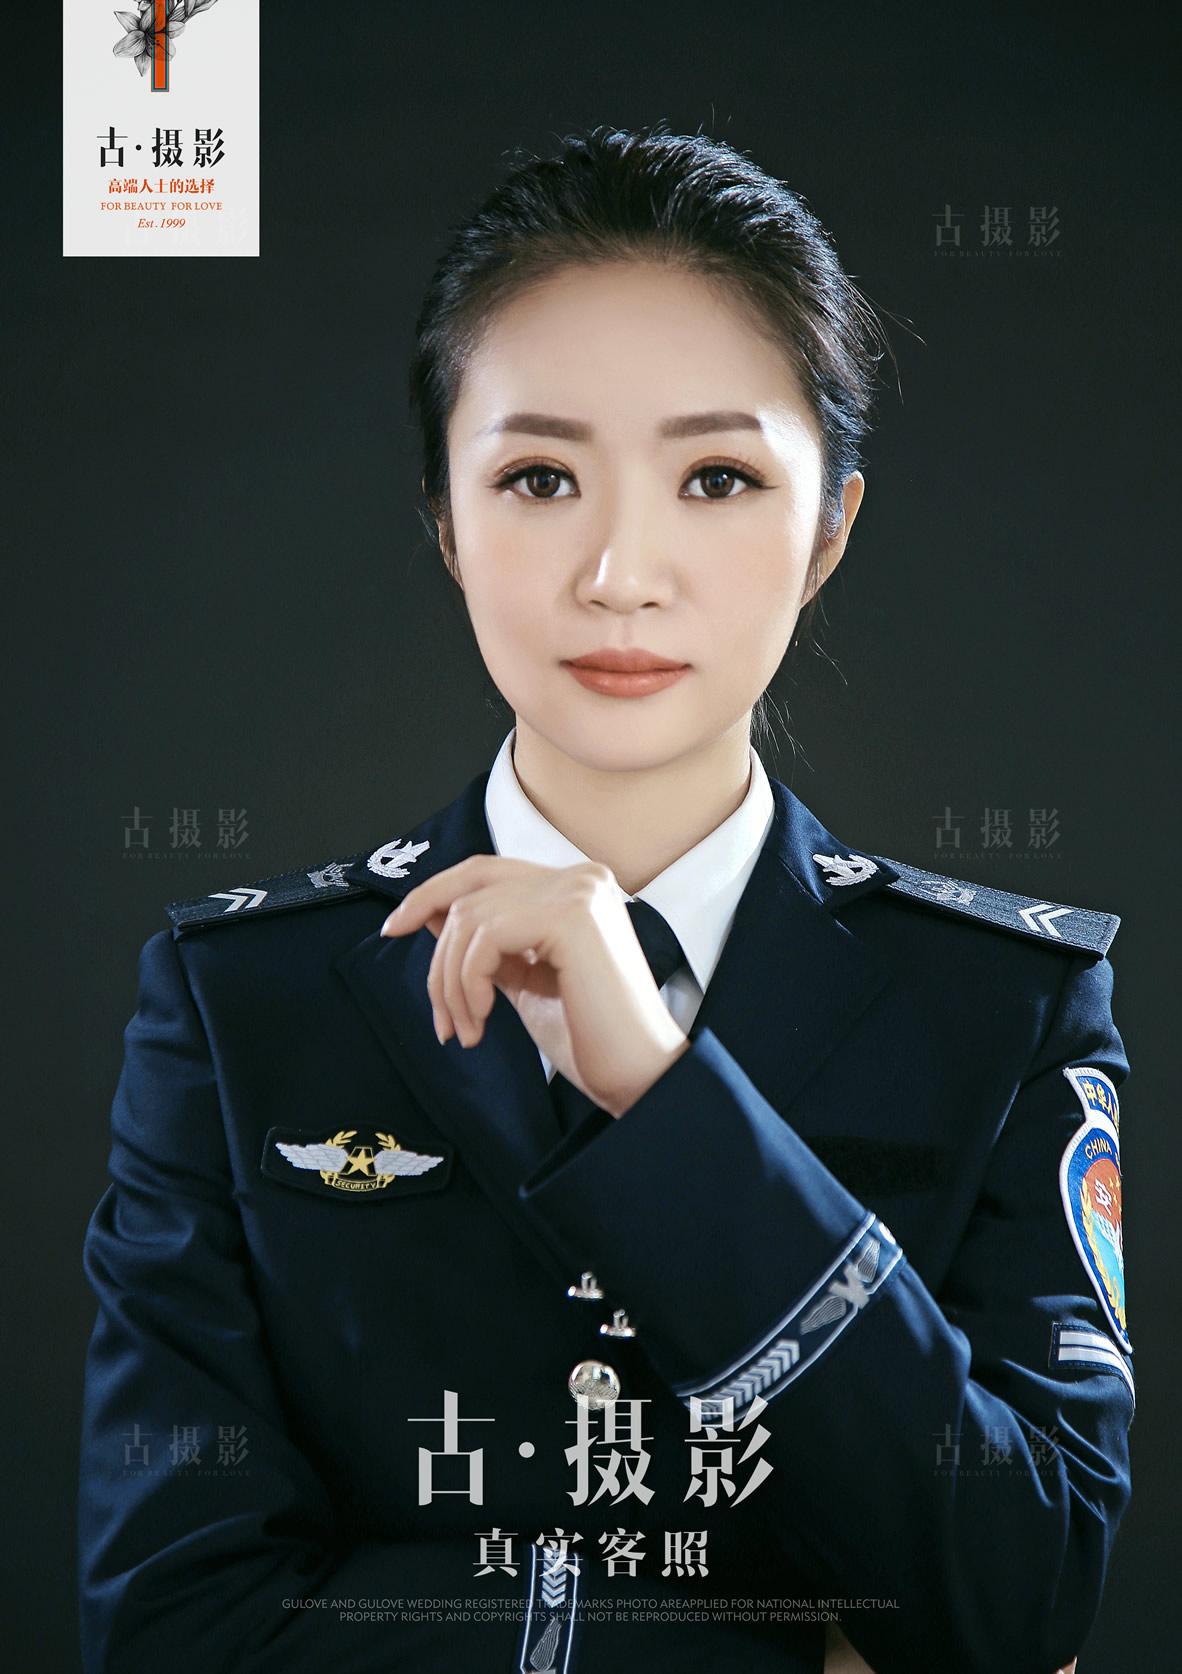 3月11日客片李先生 马小姐 - 每日客照 - love昆明古摄影-昆明婚纱摄影网